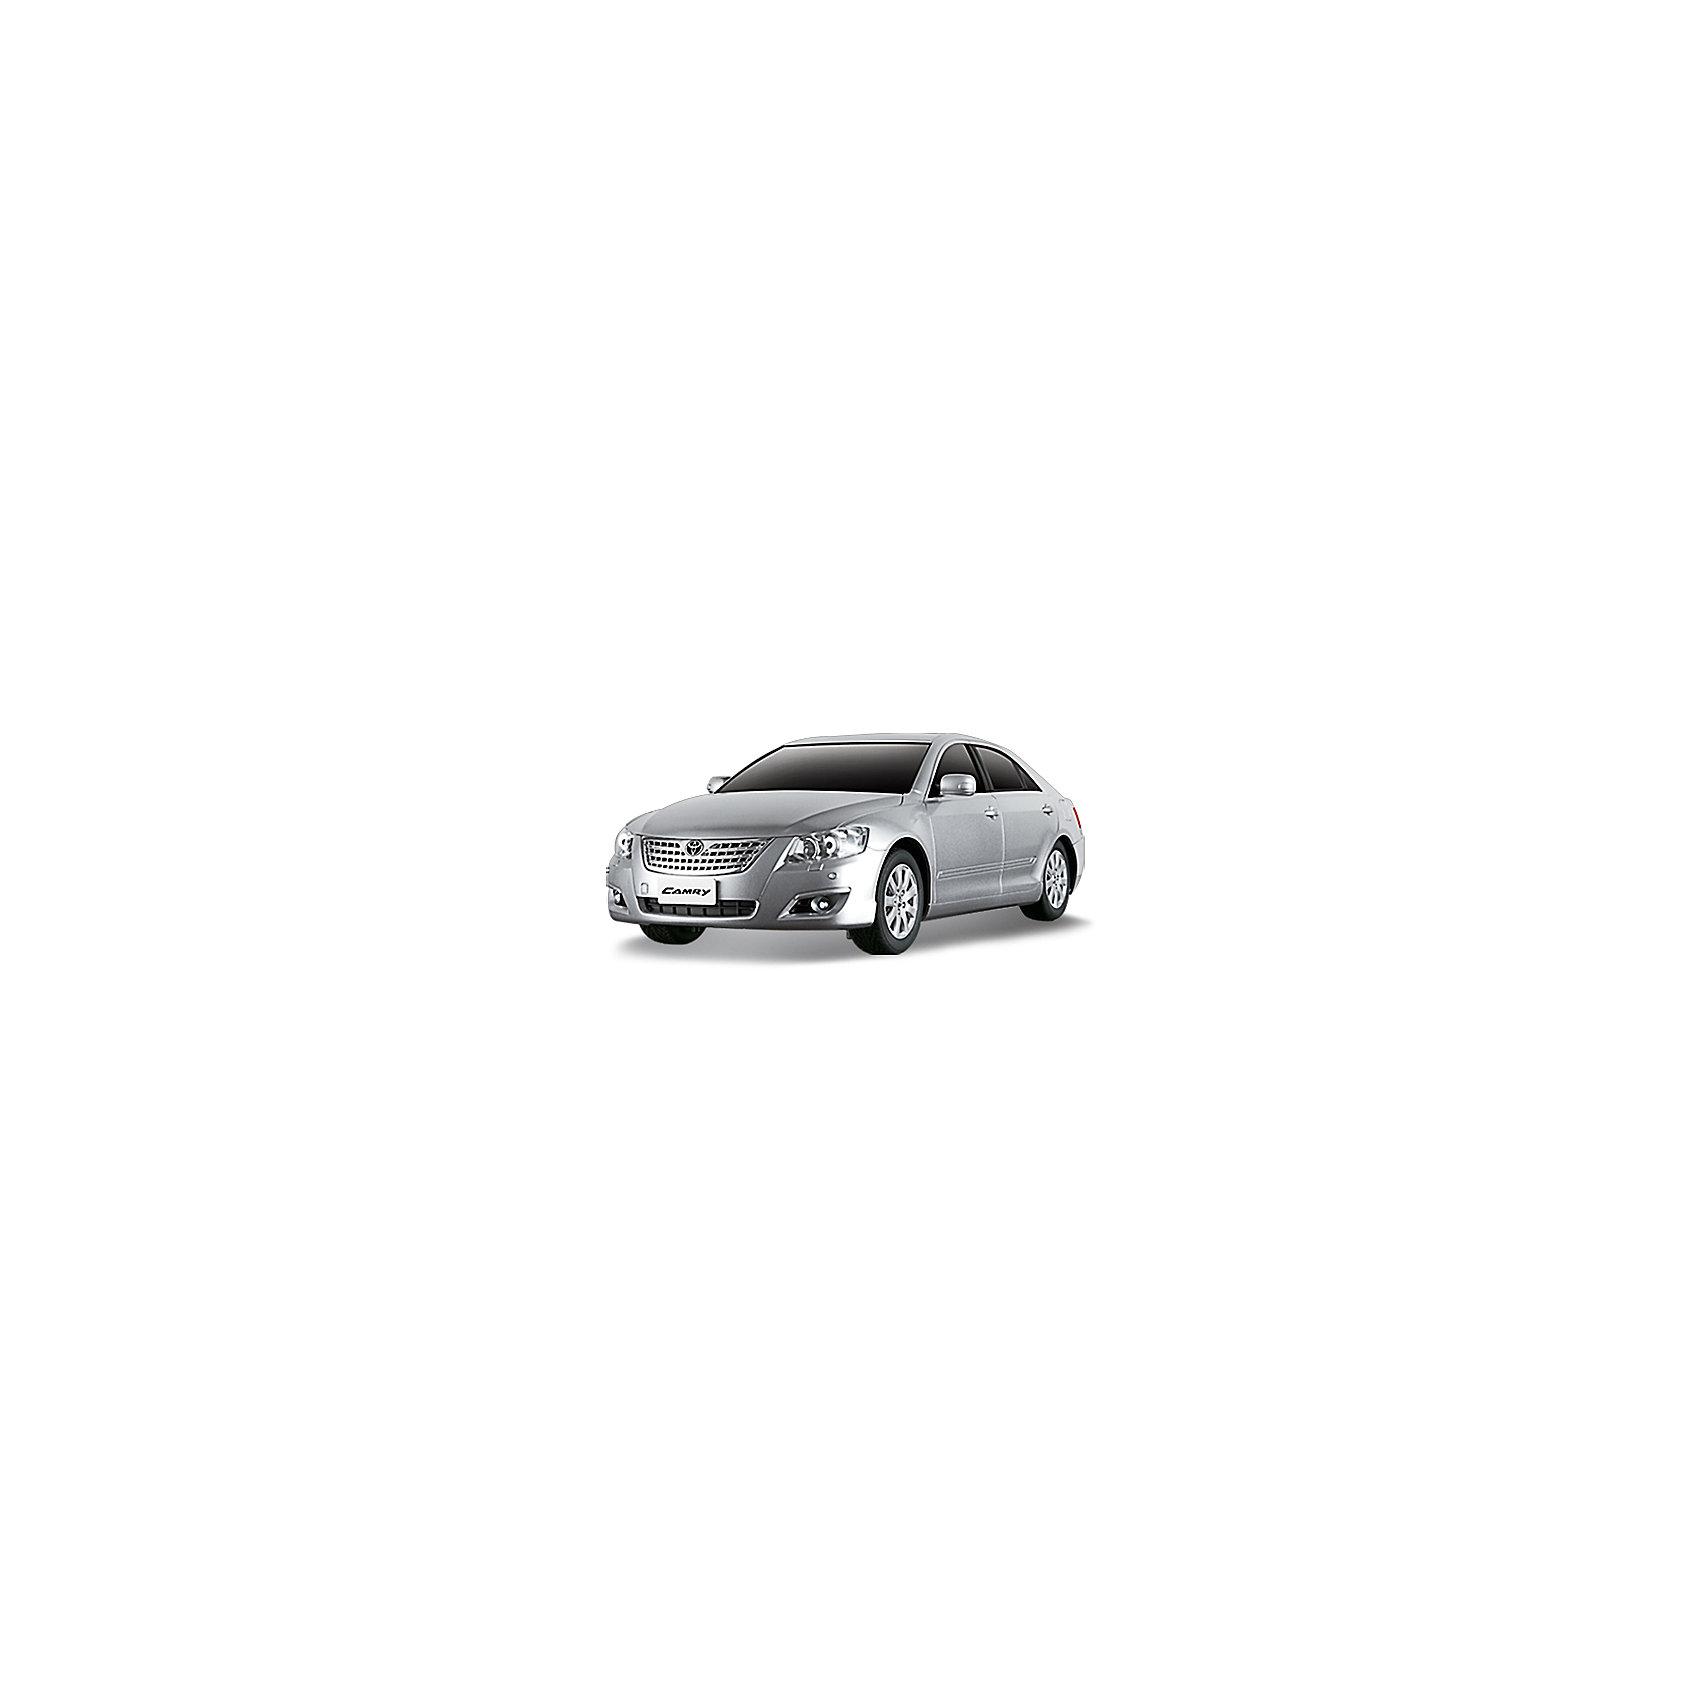 Машина TOYOTA CAMRY, 1:24, со светом, р/у, в ассортиментеТочная копия потрясающего седана TOYOTA CAMRY на радиоуправлении прекрасный подарок и малышу и взрослому любителю этой замечательной марки. Прекрасная детализированная копия TOYOTA CAMRY (Тойота Камри), уменьшенная в 24 раза может появиться у Вас дома! У машины загораются стоп сигналы и фары при движении, что придает ей еще большую реалистичность. Авто обладает неповторимым провокационным стилем и спортивным характером.  Функция полного управления позволяет машине с легкостью обходить все углы, даже на полном ходу. Модель движется с высокой скоростью можно управлять с расстояния до 25 м. Устраивайте гонки и шоу прямо у себя дома! <br><br>Дополнительная информация:<br><br>- Комплект: машина, пульт радиоуправления, руководство пользователя;<br>- Машинка движется вперёд и назад, влево, вправо;<br>- Светятся фары;<br>- Скорость: 7 км/час<br>- Контроль управления: 15-25 м;<br>- Масштаб: 1:24 см;<br>- Батарейки 3x1.5AA, в пульт 2x1.5AA (в комплект не входит);<br>- Материал: пластик, металл;<br>- Размер игрушки: 20 х 9 х 6 см;<br>- Размер упаковки: 25 х 13 х 11 см;<br>- Вес: 480 г<br><br>ВНИМАНИЕ! Данная игрушка представлена в разных цветах (черный, серый). К сожалению, предварительный выбор невозможен. При заказе нескольких игрушек возможно получение одинаковых.<br><br>Машину  TOYOTA CAMRY, 1:24, со светом, р/у, в ассортименте можно купить в нашем интернет-магазине.<br><br>Ширина мм: 270<br>Глубина мм: 130<br>Высота мм: 110<br>Вес г: 480<br>Возраст от месяцев: 36<br>Возраст до месяцев: 144<br>Пол: Мужской<br>Возраст: Детский<br>SKU: 3939479